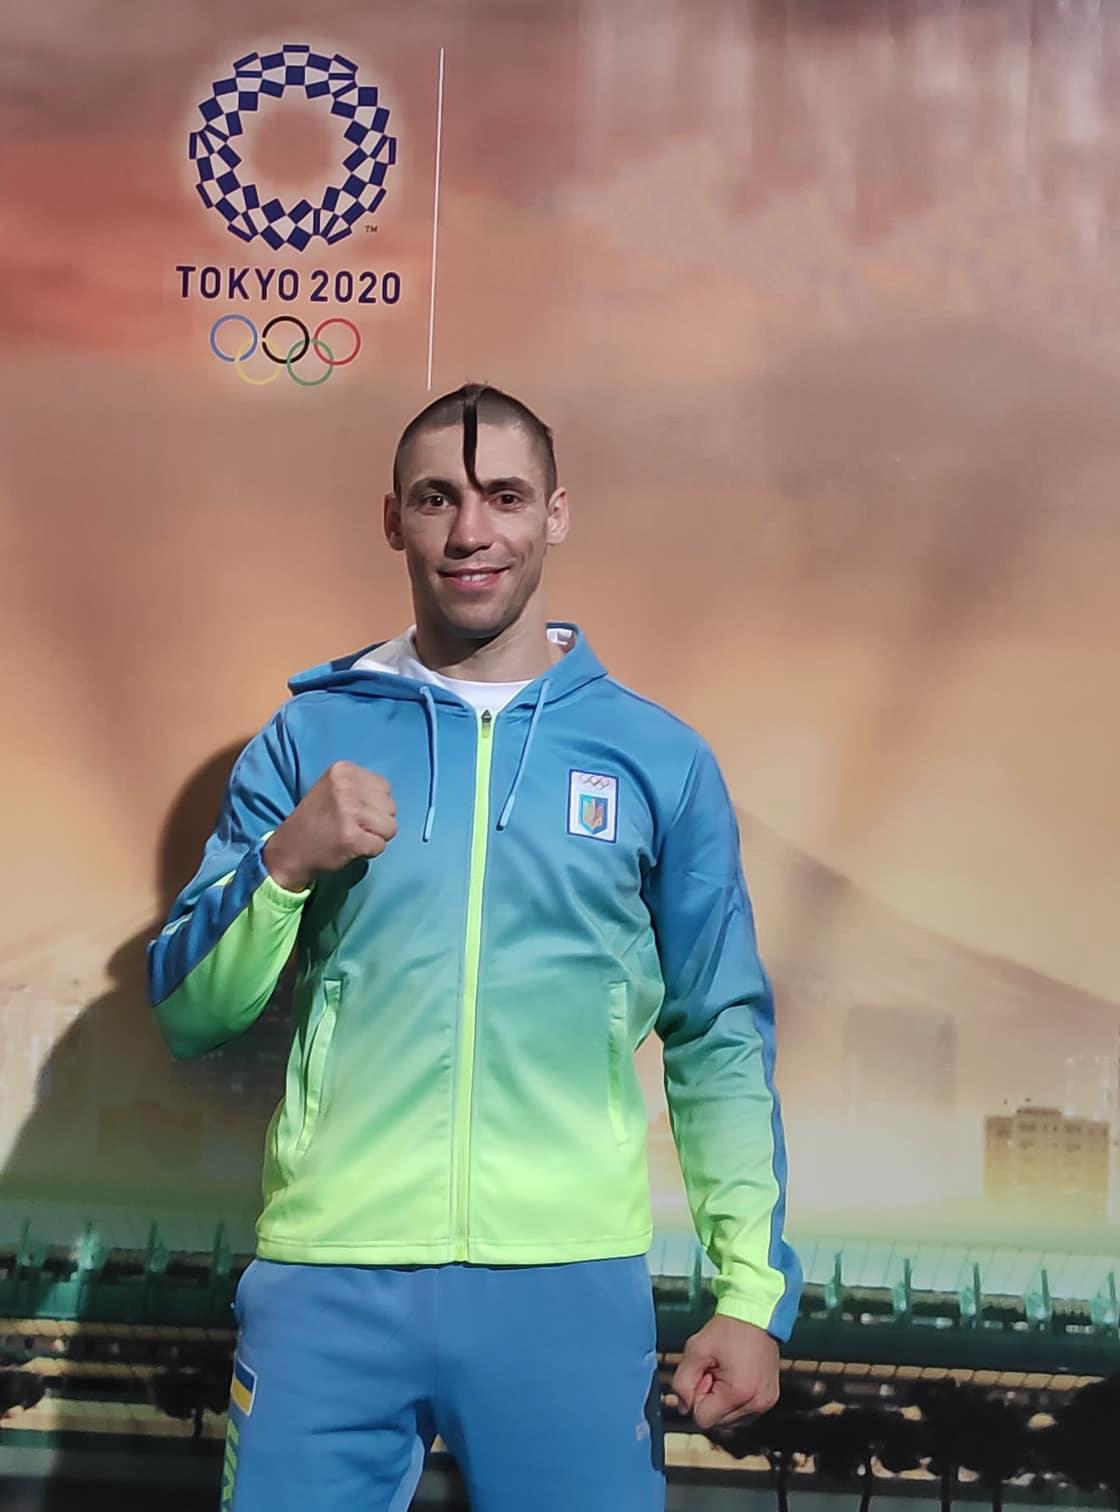 Стас Горуна завоевал десятую бронзовую медаль для Украины на Олимпиаде в Токио - фото №2